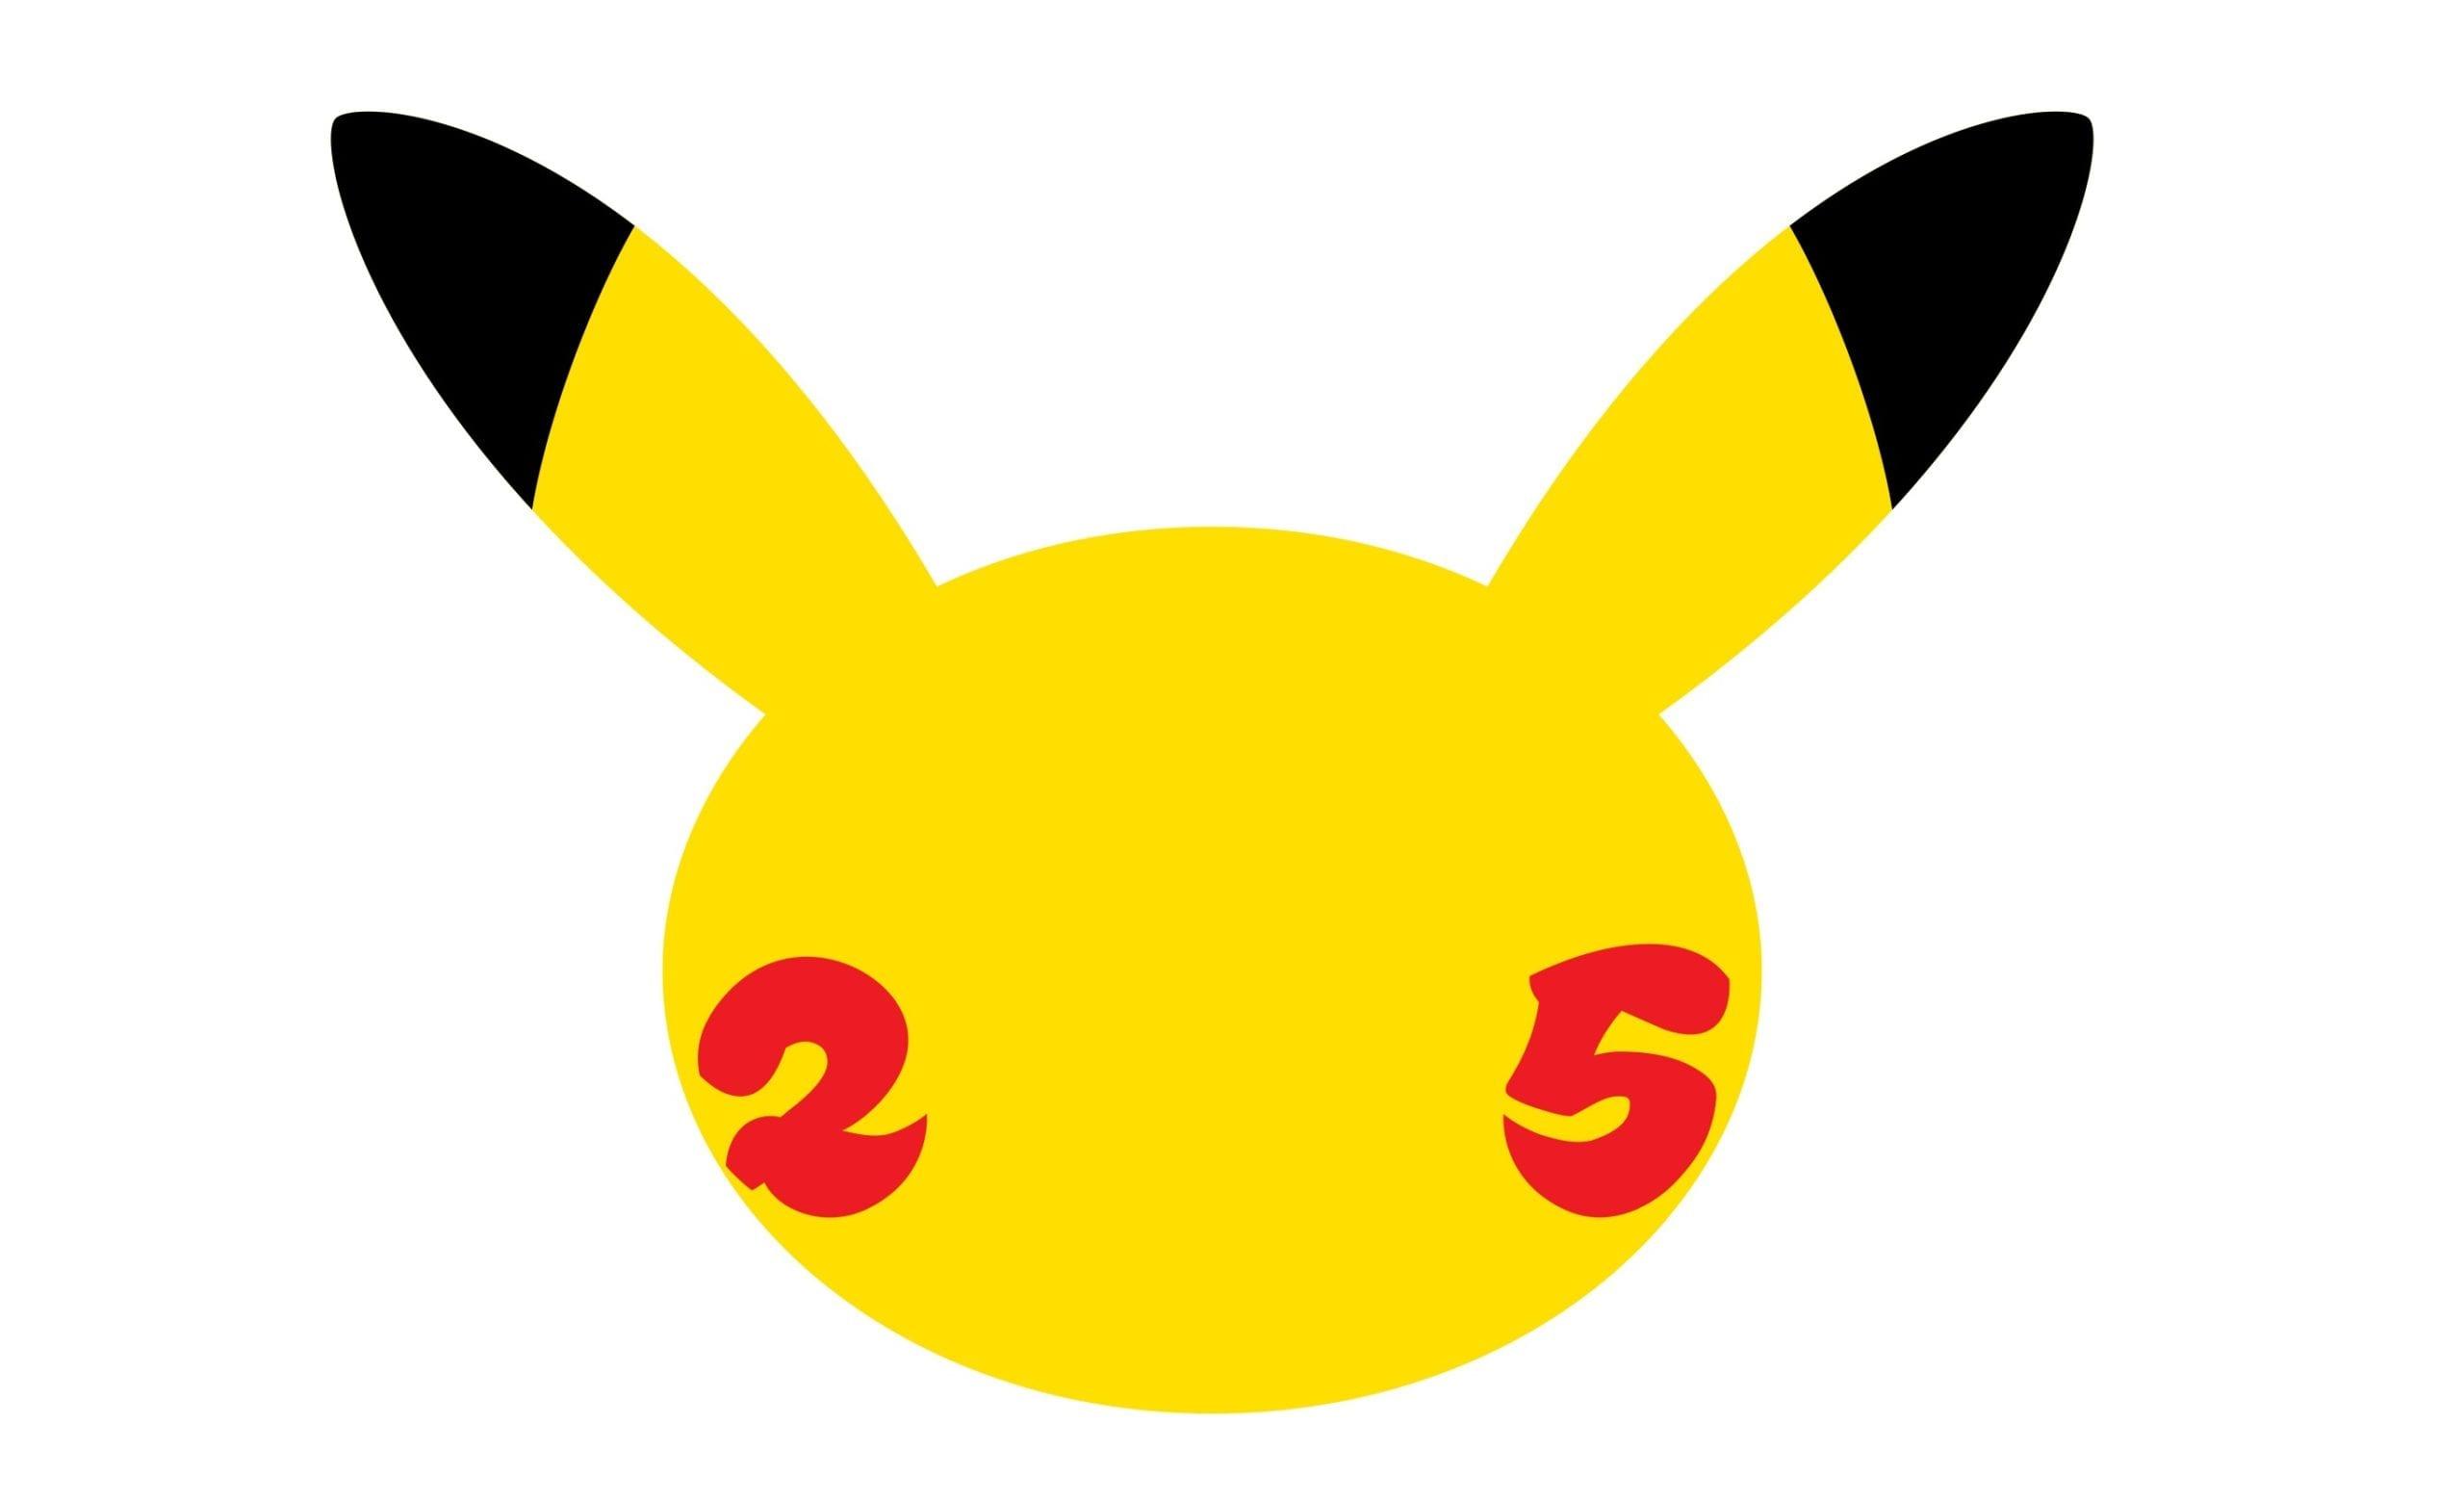 Pokémon 25° anniversario: rivelato il logo e l'arrivo di celebrazioni speciali